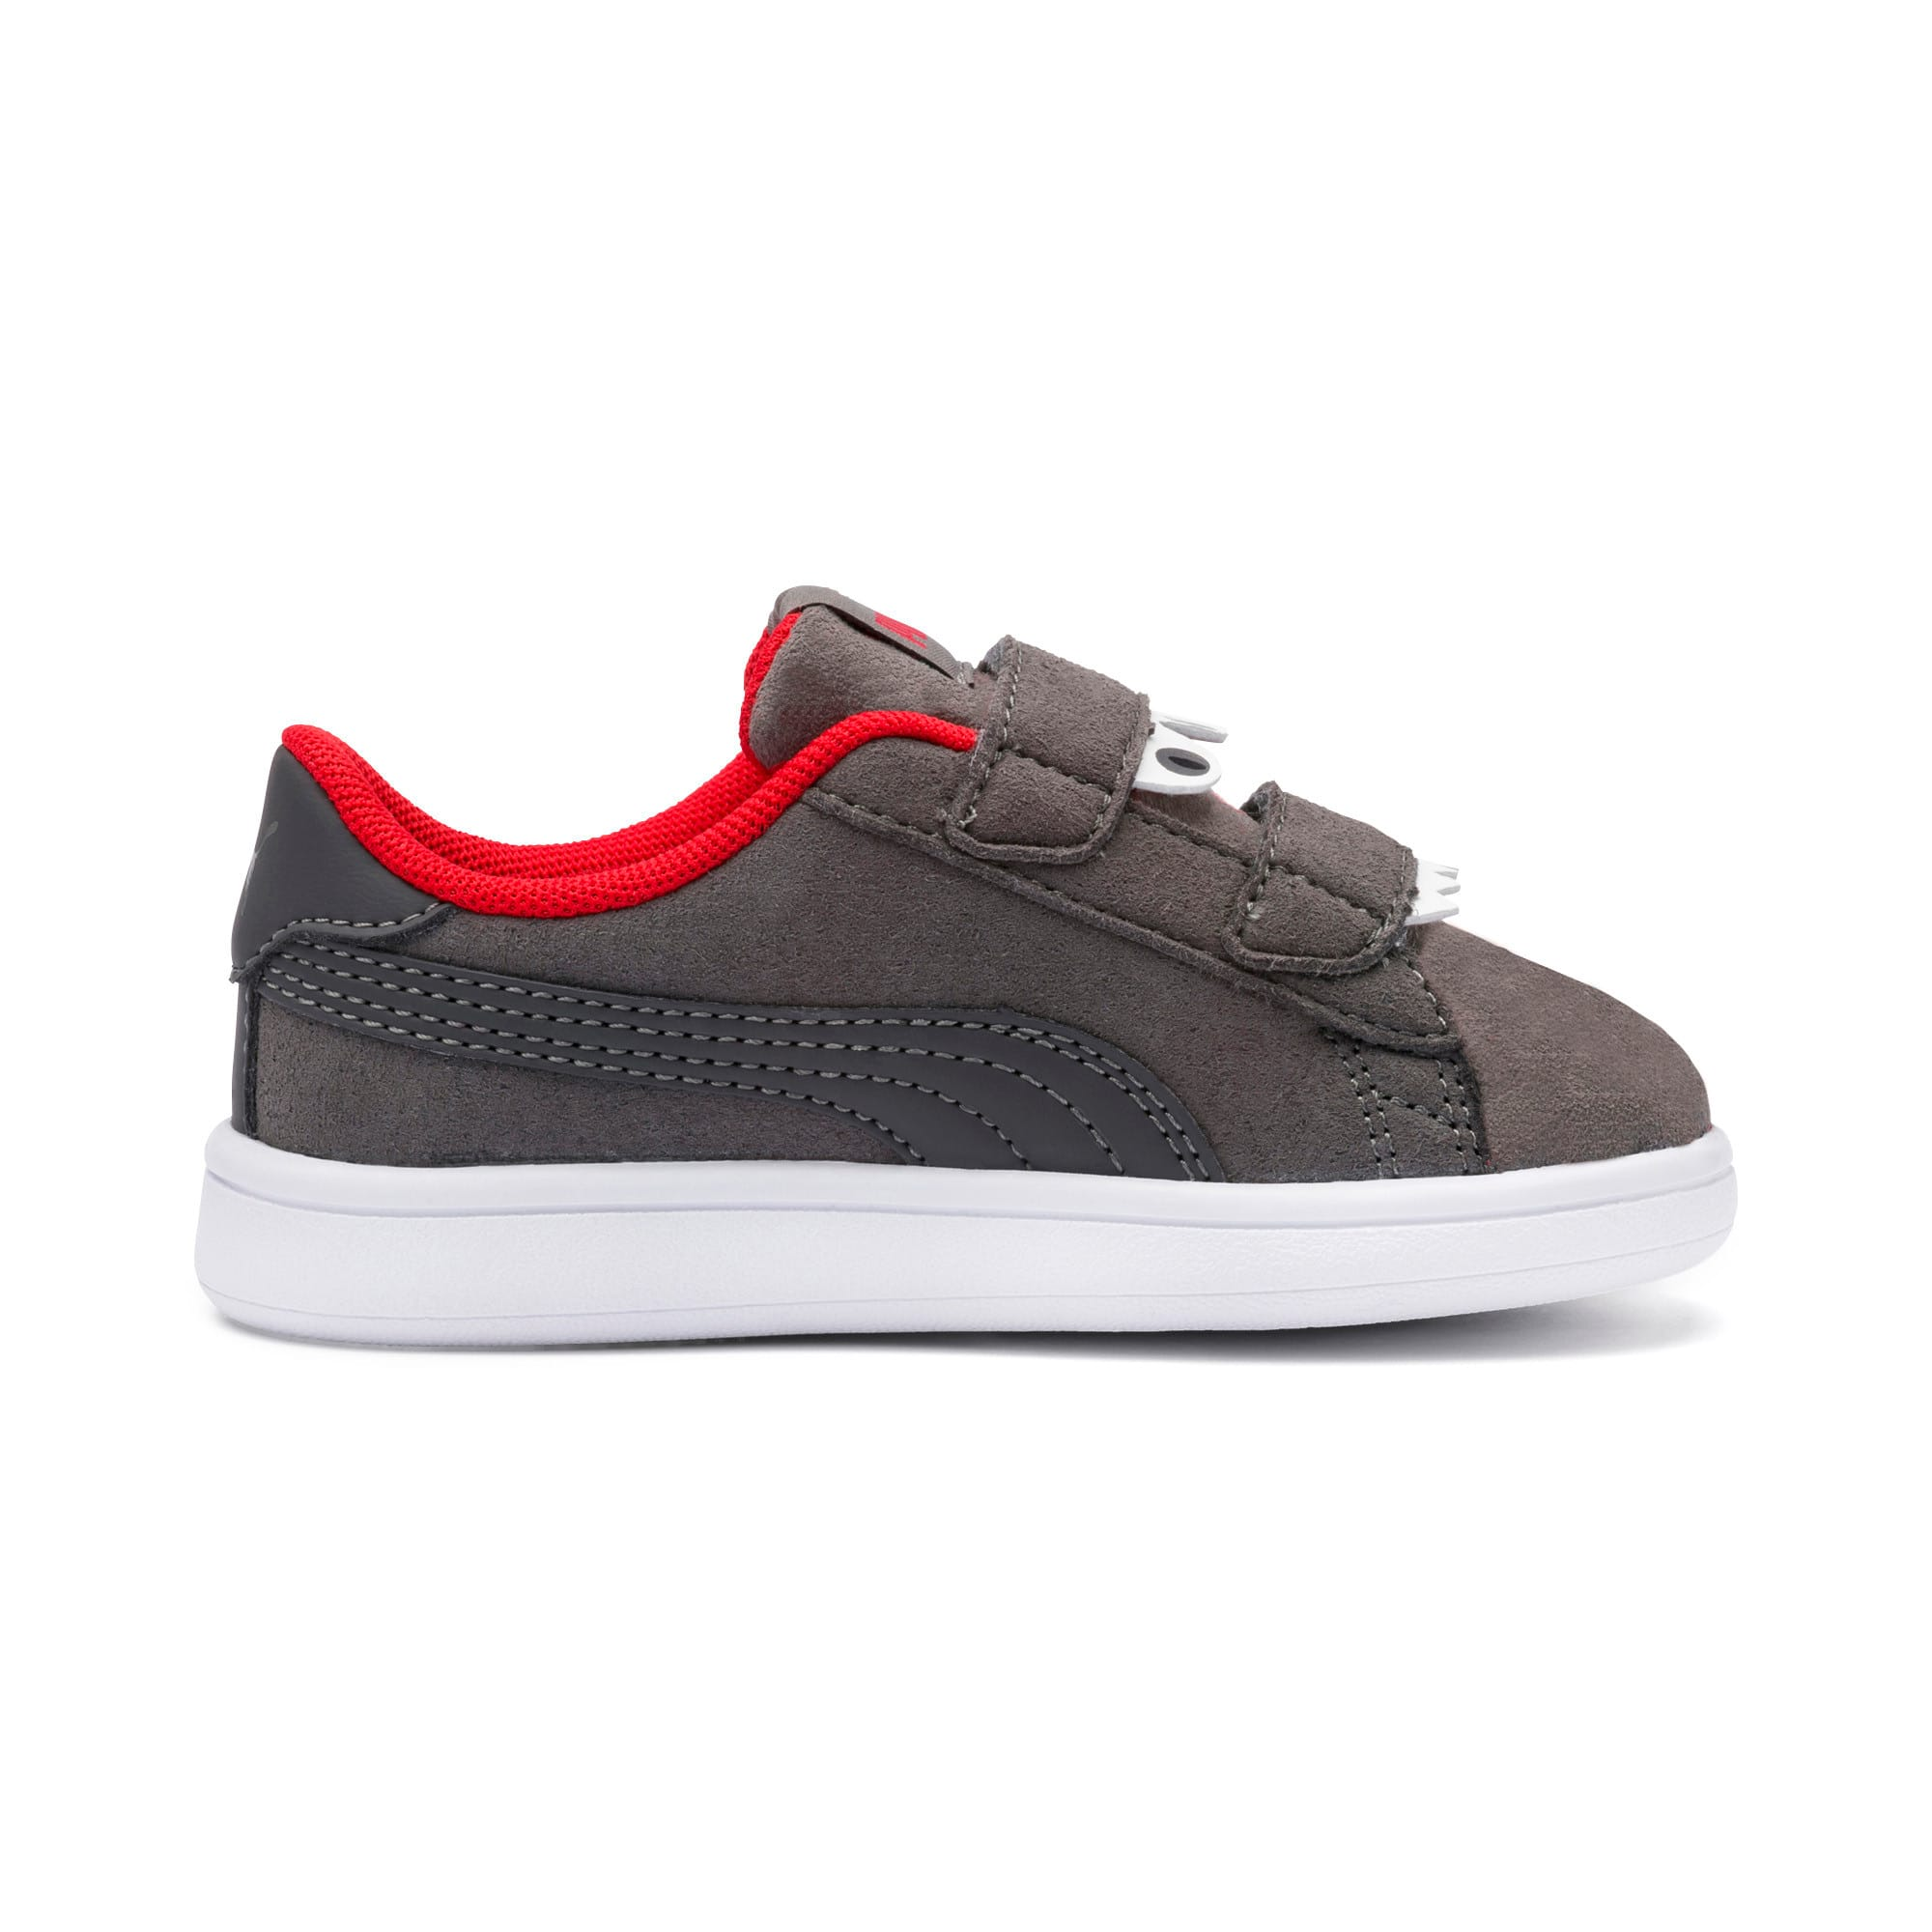 Thumbnail 5 of Smash v2 Monster Kinder Sneaker, Asphalt-C. Gray-Red-White, medium